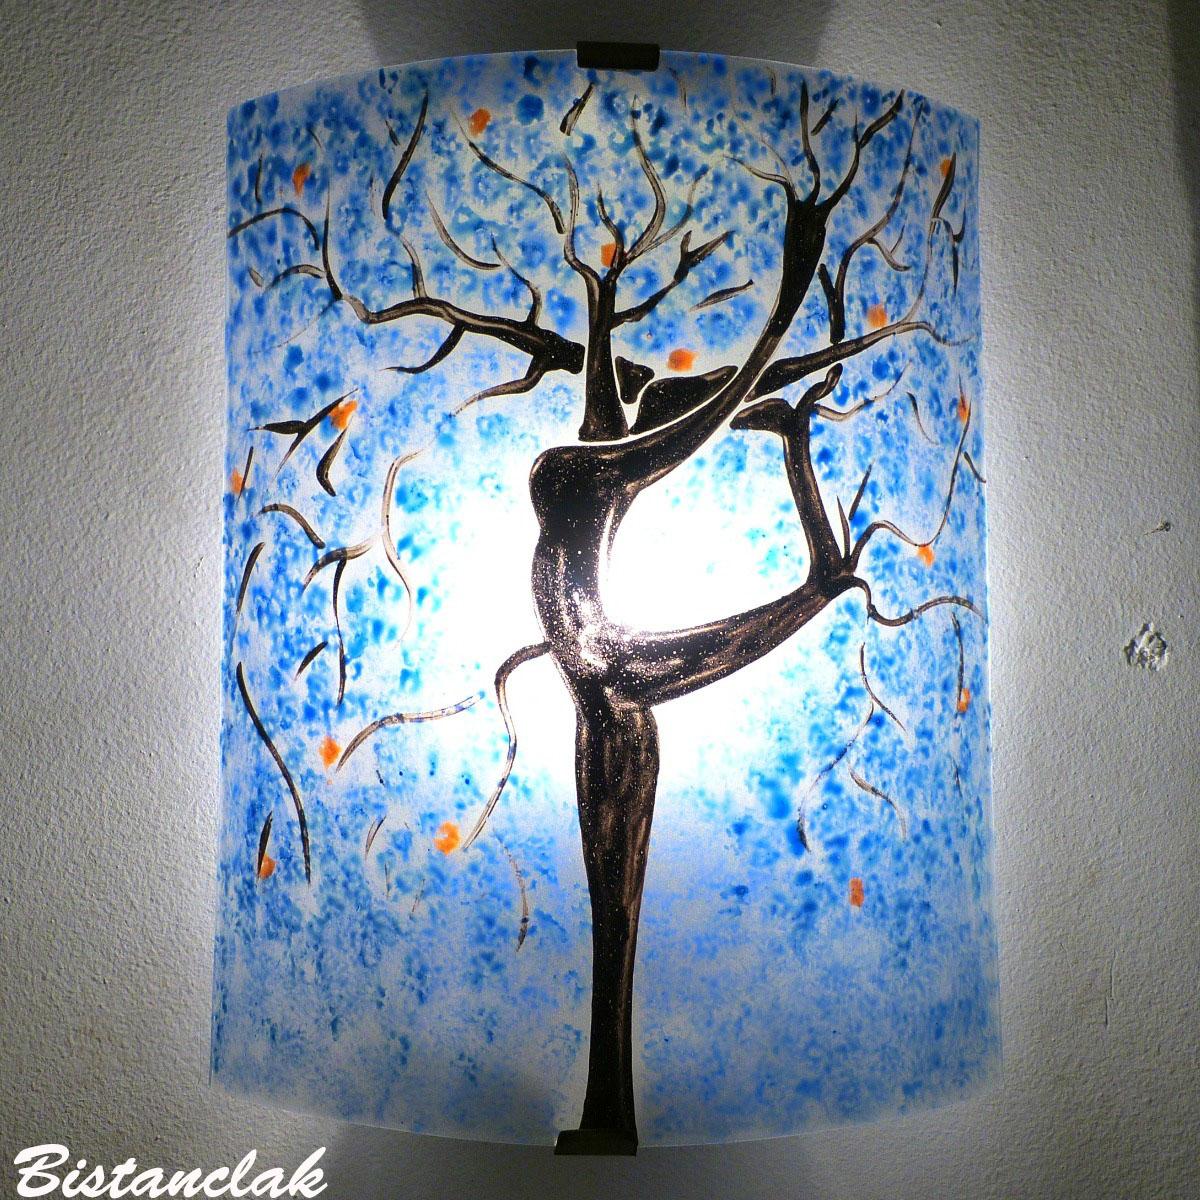 Applique artisanale bleu motif arbre danseuse